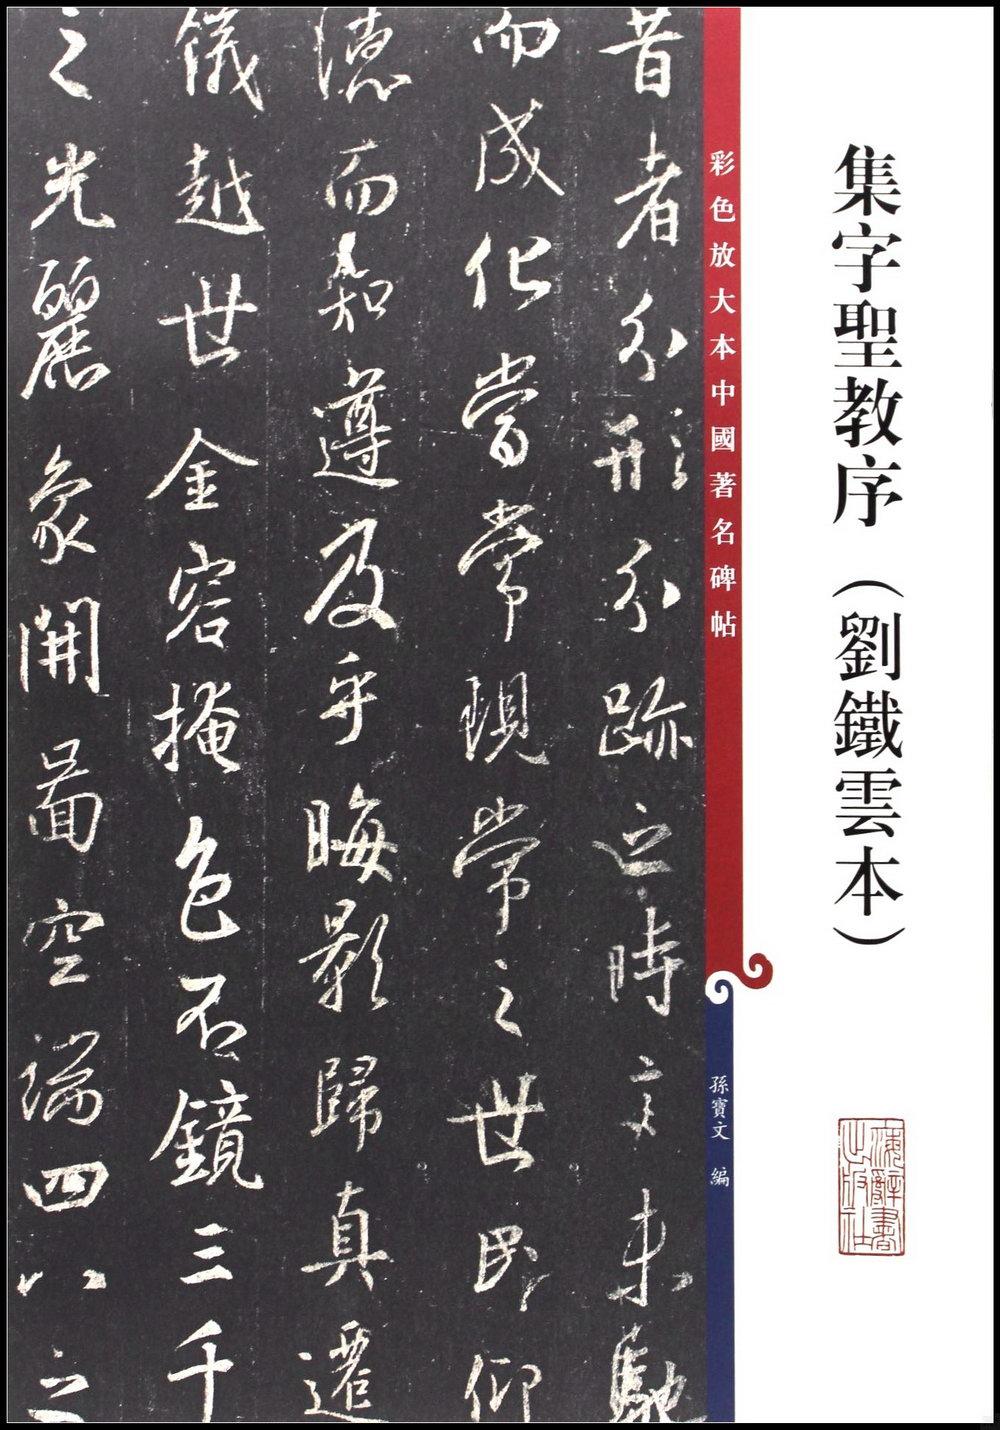 集字聖教序(劉鐵雲本)